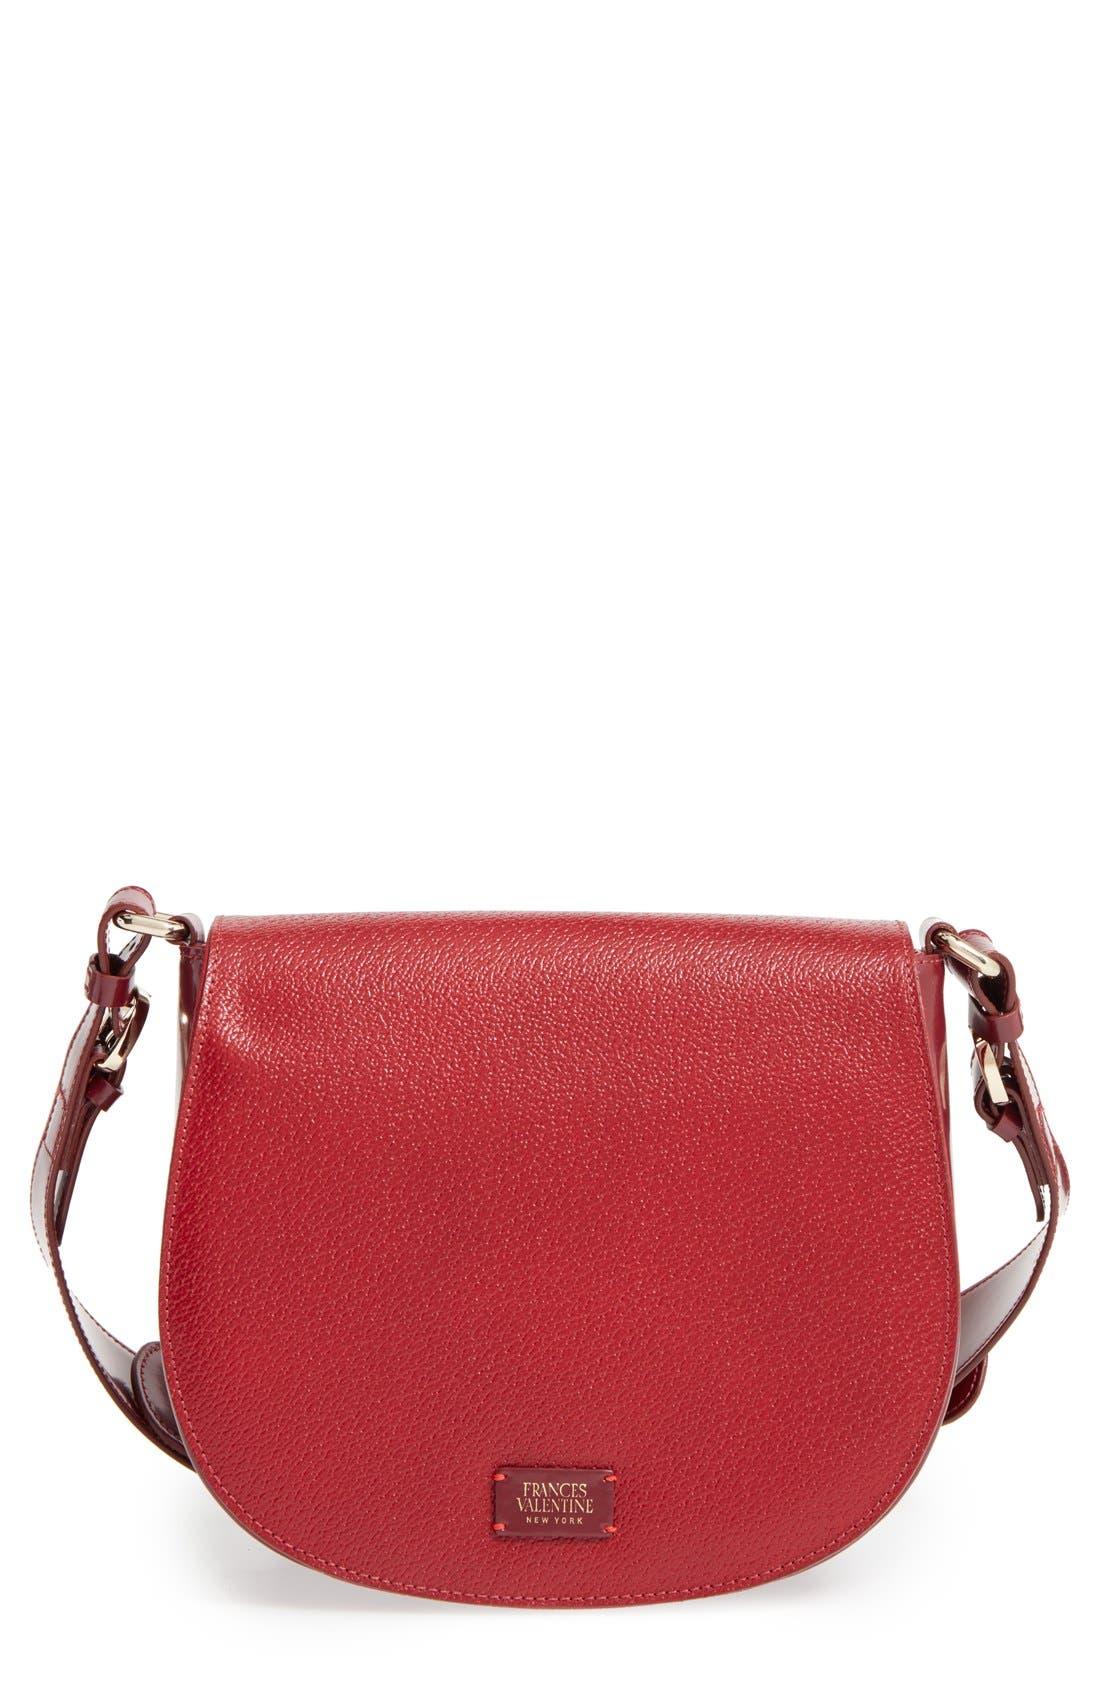 Alternate Image 1 Selected - Frances Valentine 'Small Ellen' Leather Shoulder Bag